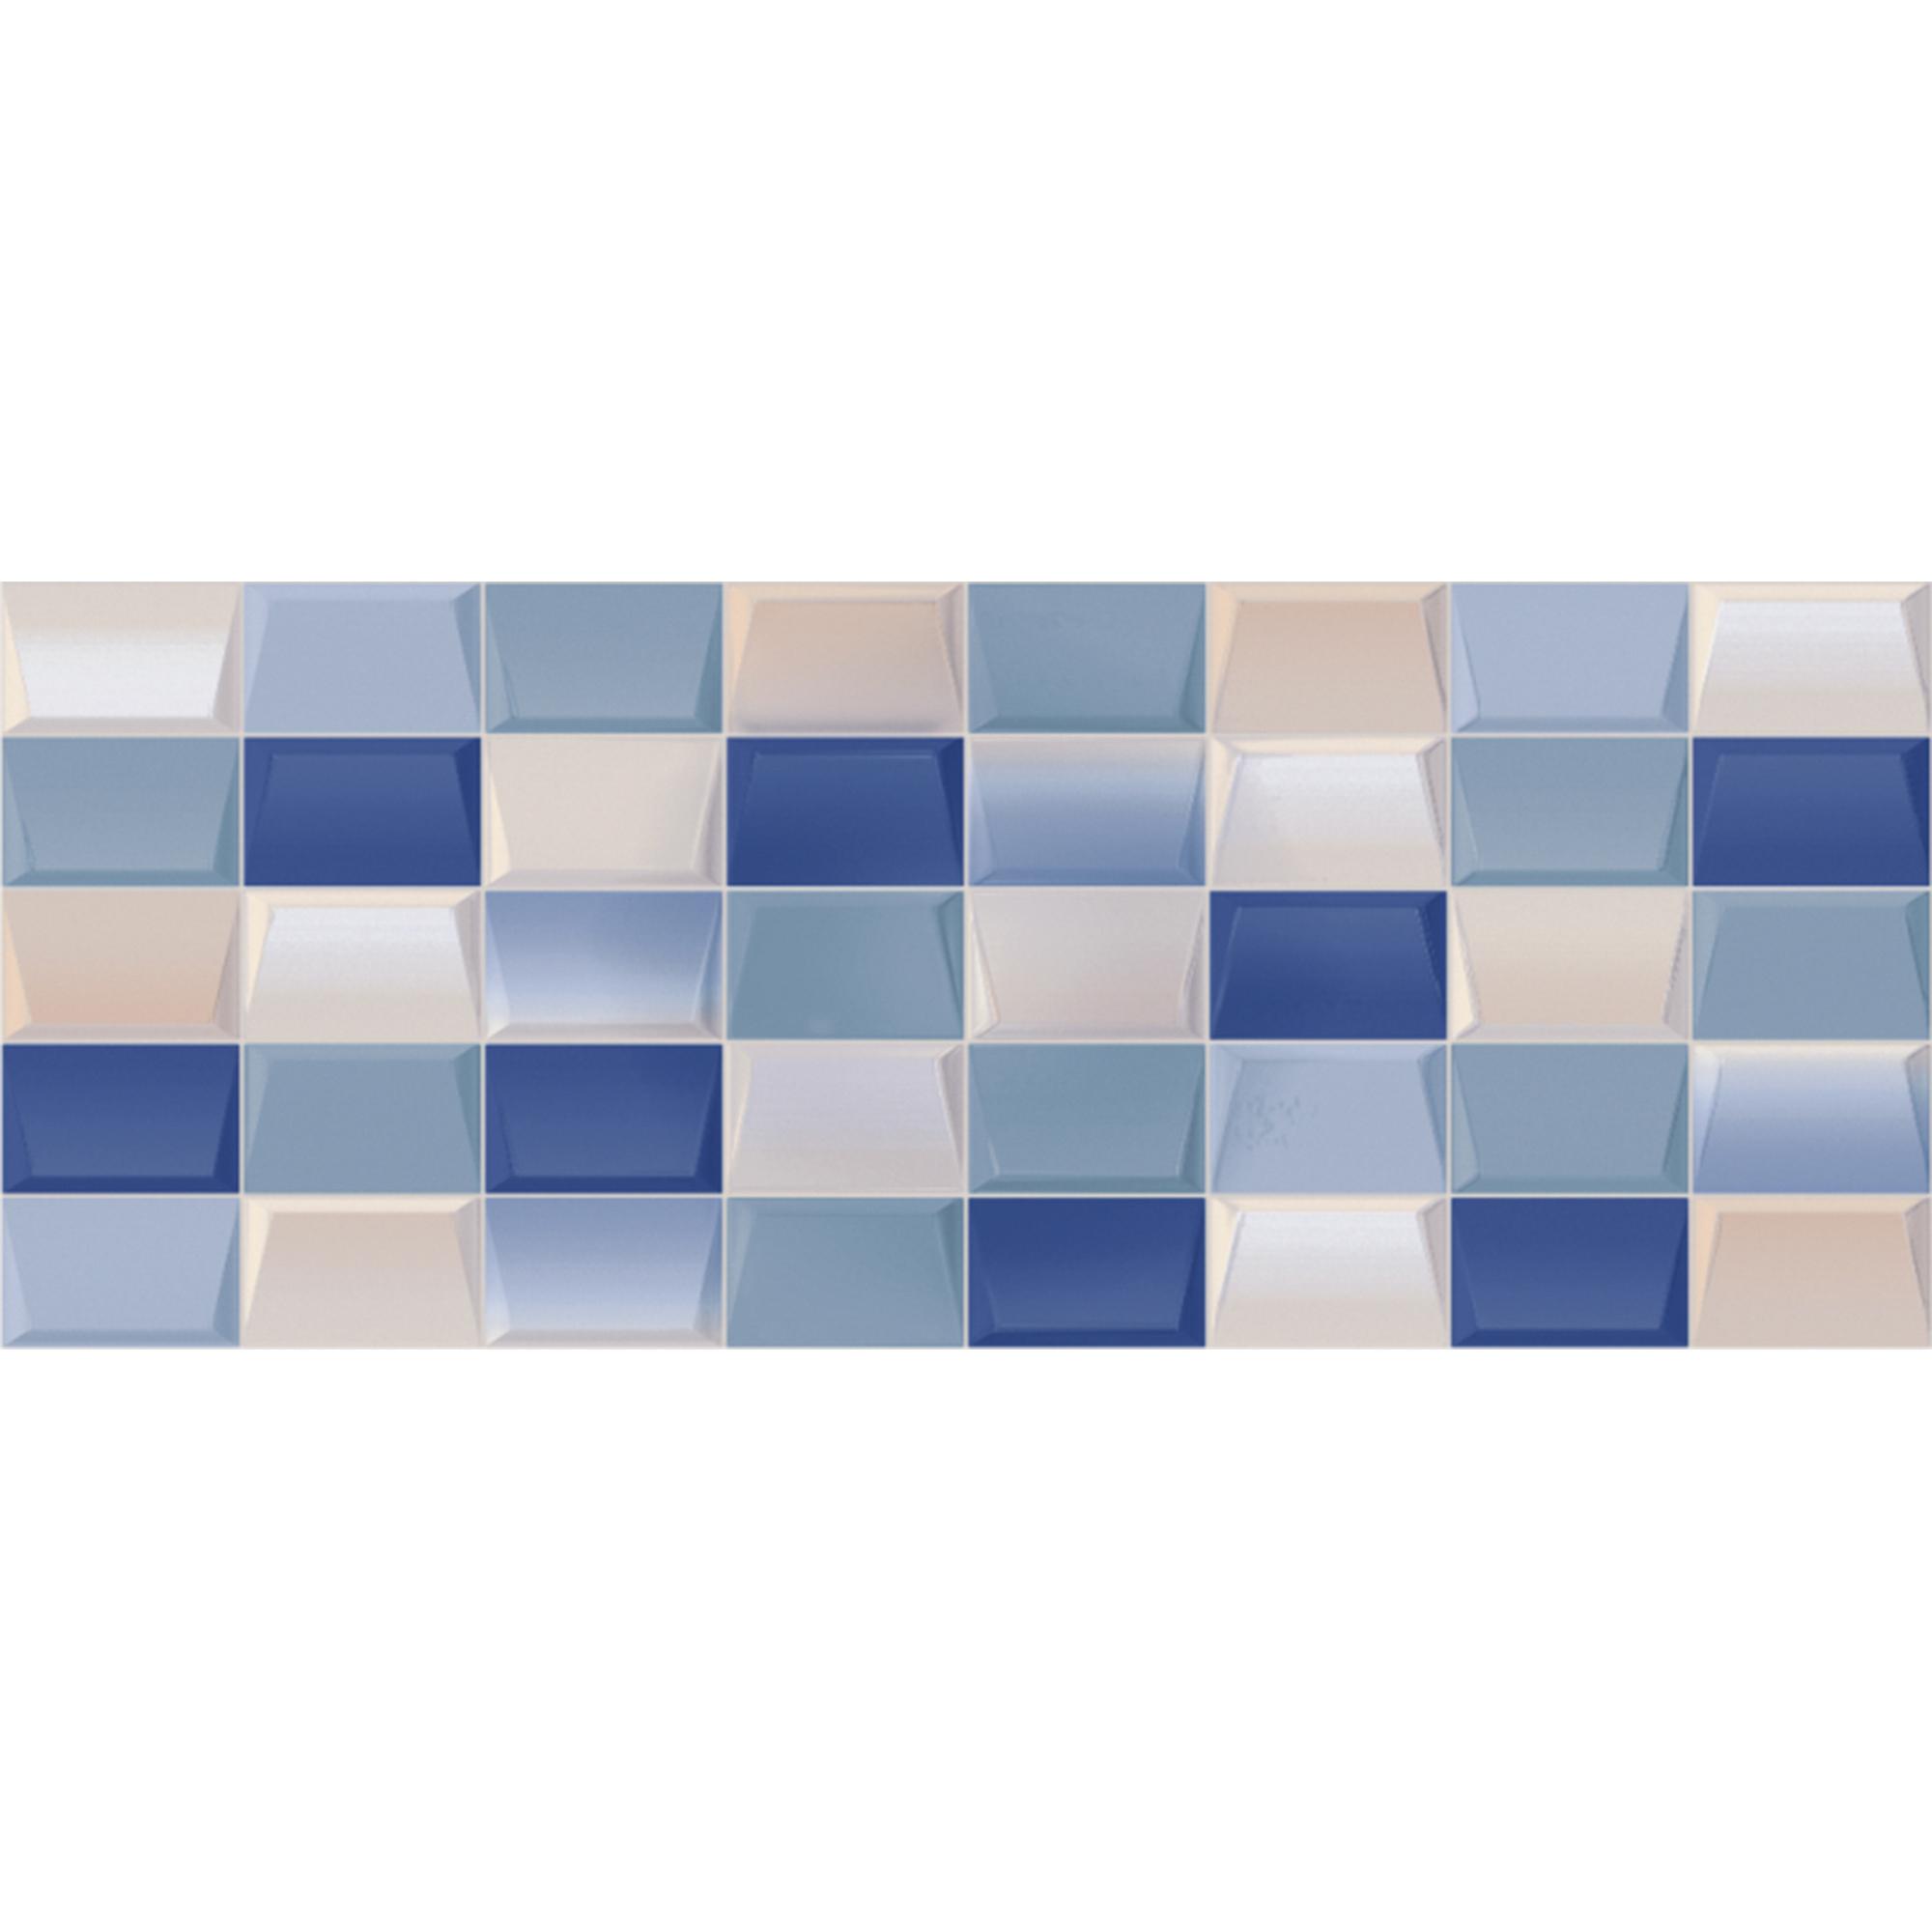 Плитка Kerlife Elissa Blu Mosaico 20,1x50,5 см керамическая плитка porcelanosa marmol carrara blanco p34705131 настенная 31 6х90 см